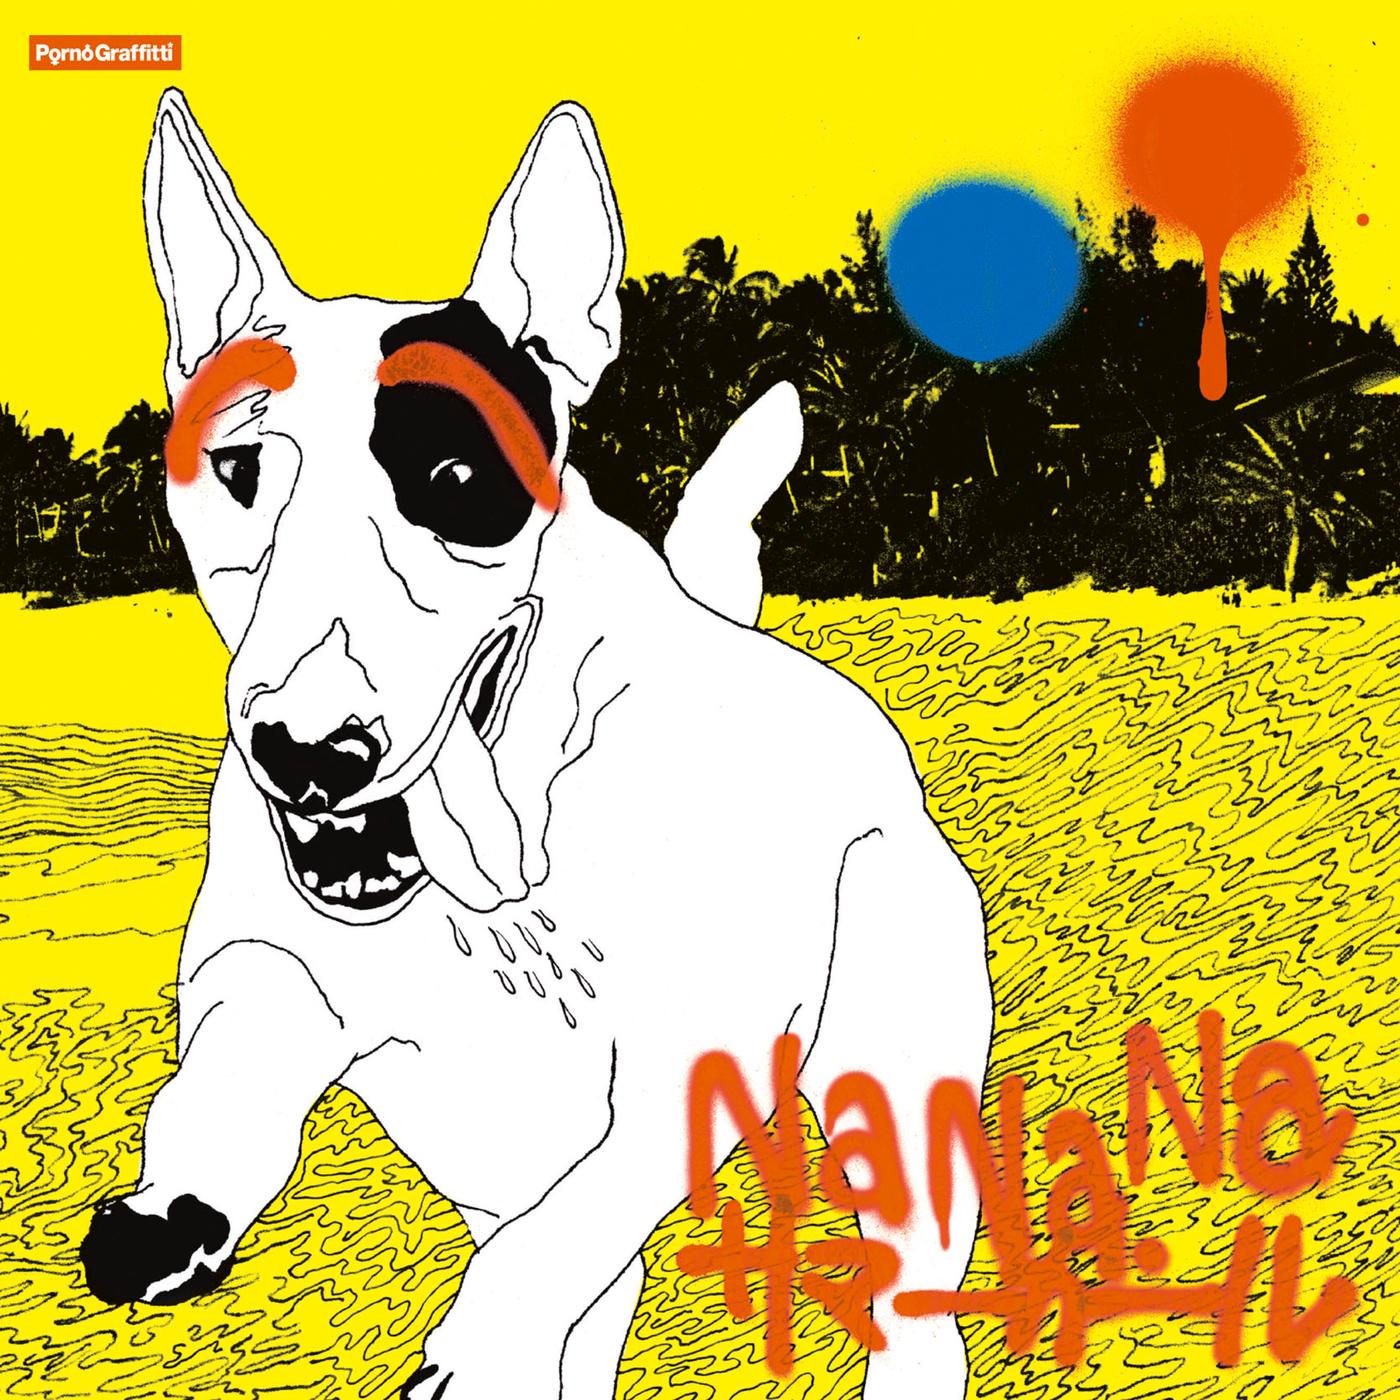 NaNaNa Summer Girl - Porno Graffitti